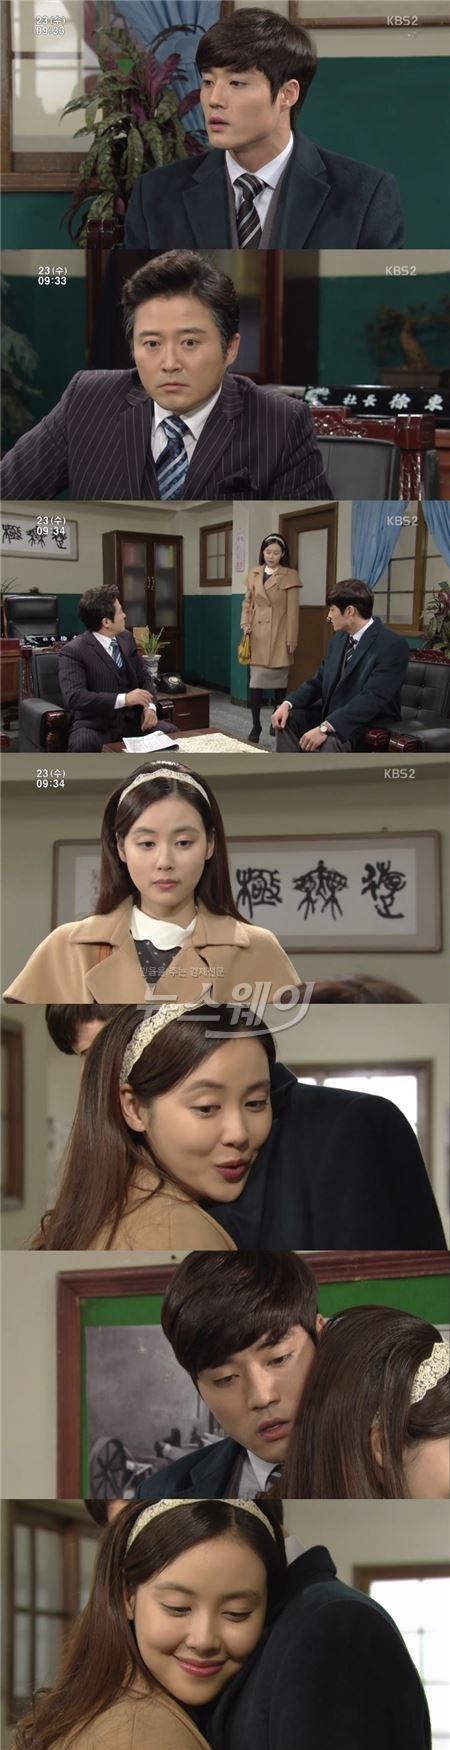 """서윤아, 악행 끝에 이하율 차지…""""이제 오빠 내 거야"""""""